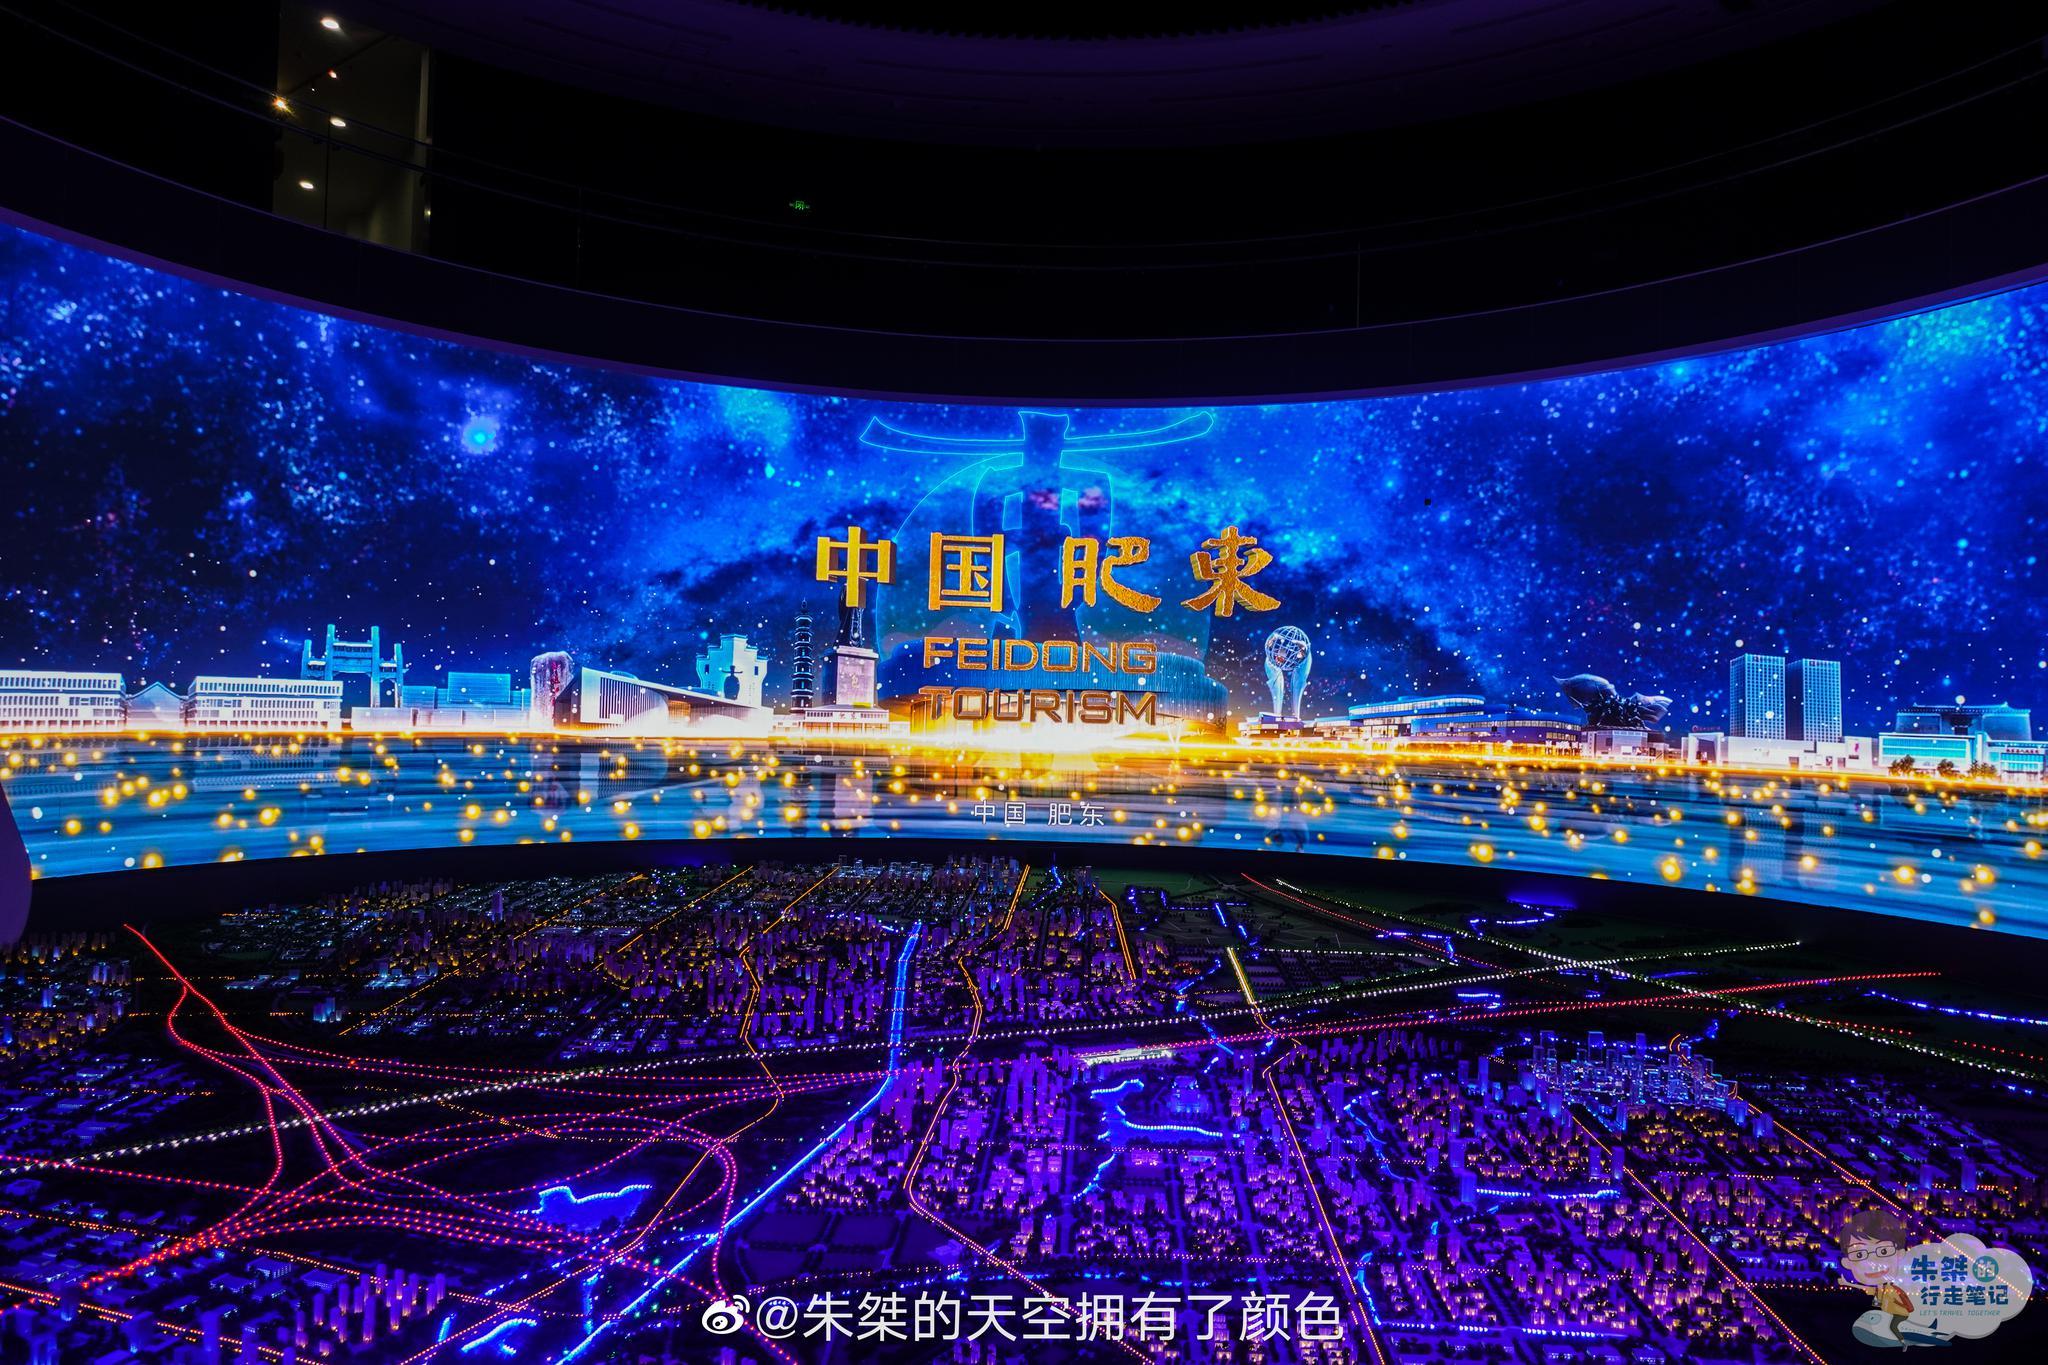 泱泱华夏,物博地广,不同的城市承载着不同的文化